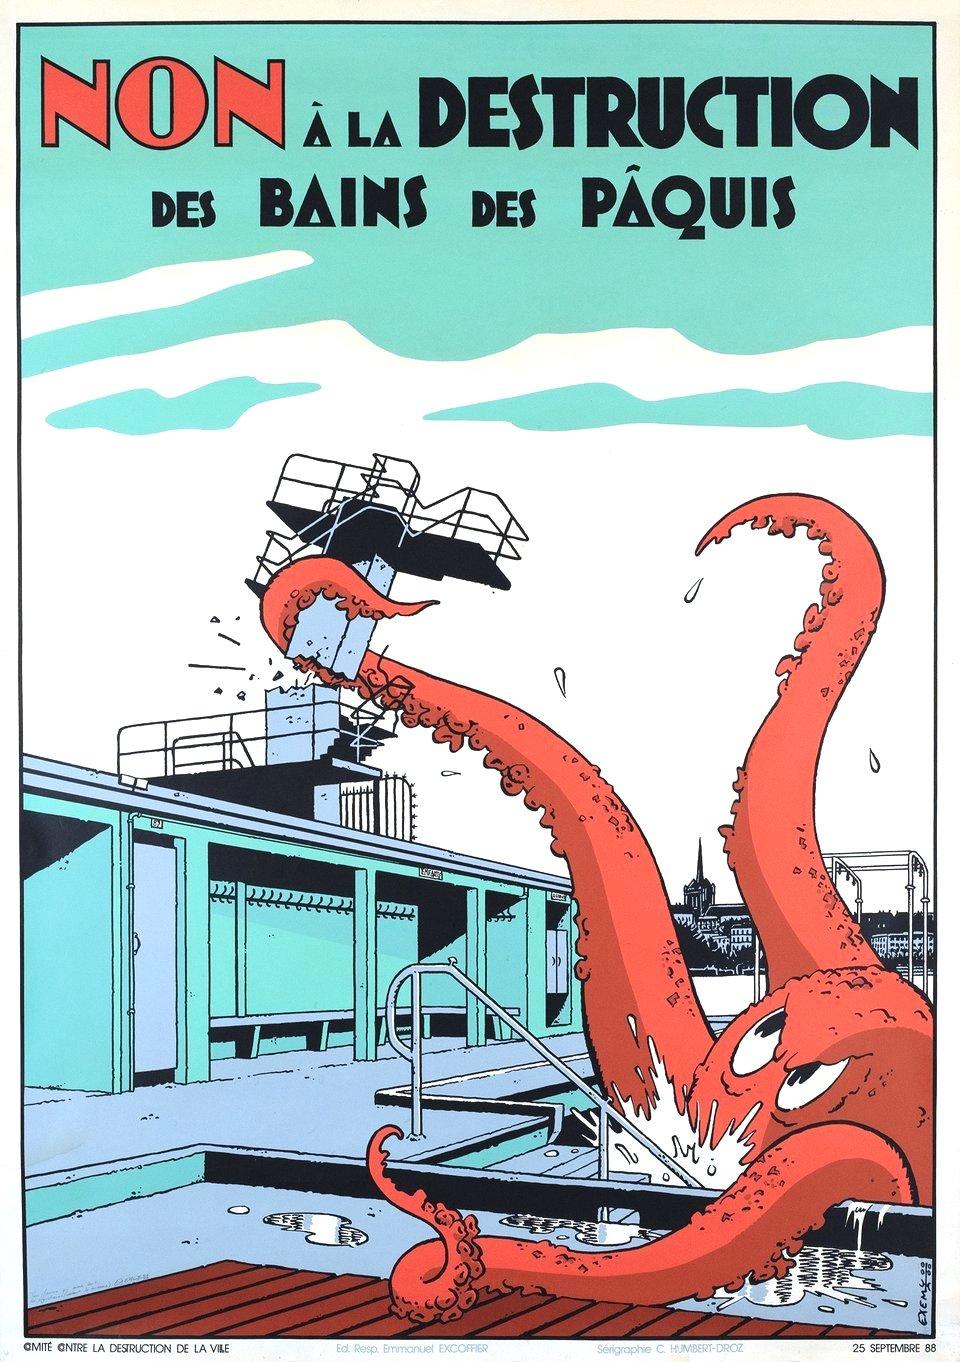 a 1988 political poster, Swiss? Non a la Destruction des Bains des Paquis, a giant octopus destroys buildings